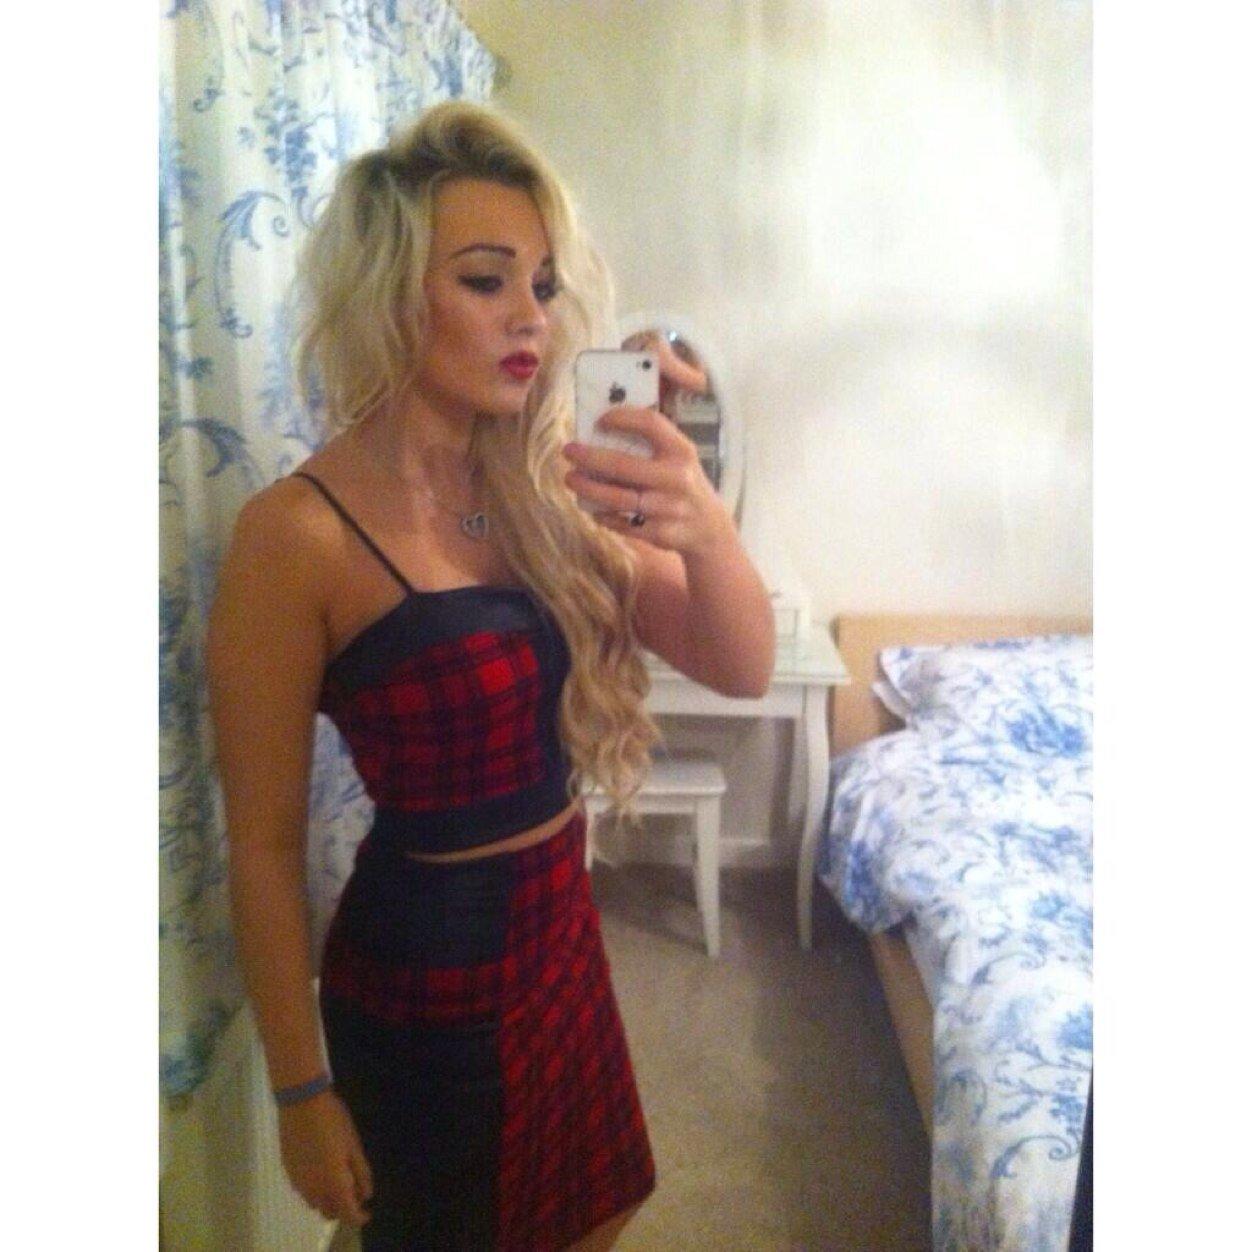 Shauna O'Brien Nude Photos 3